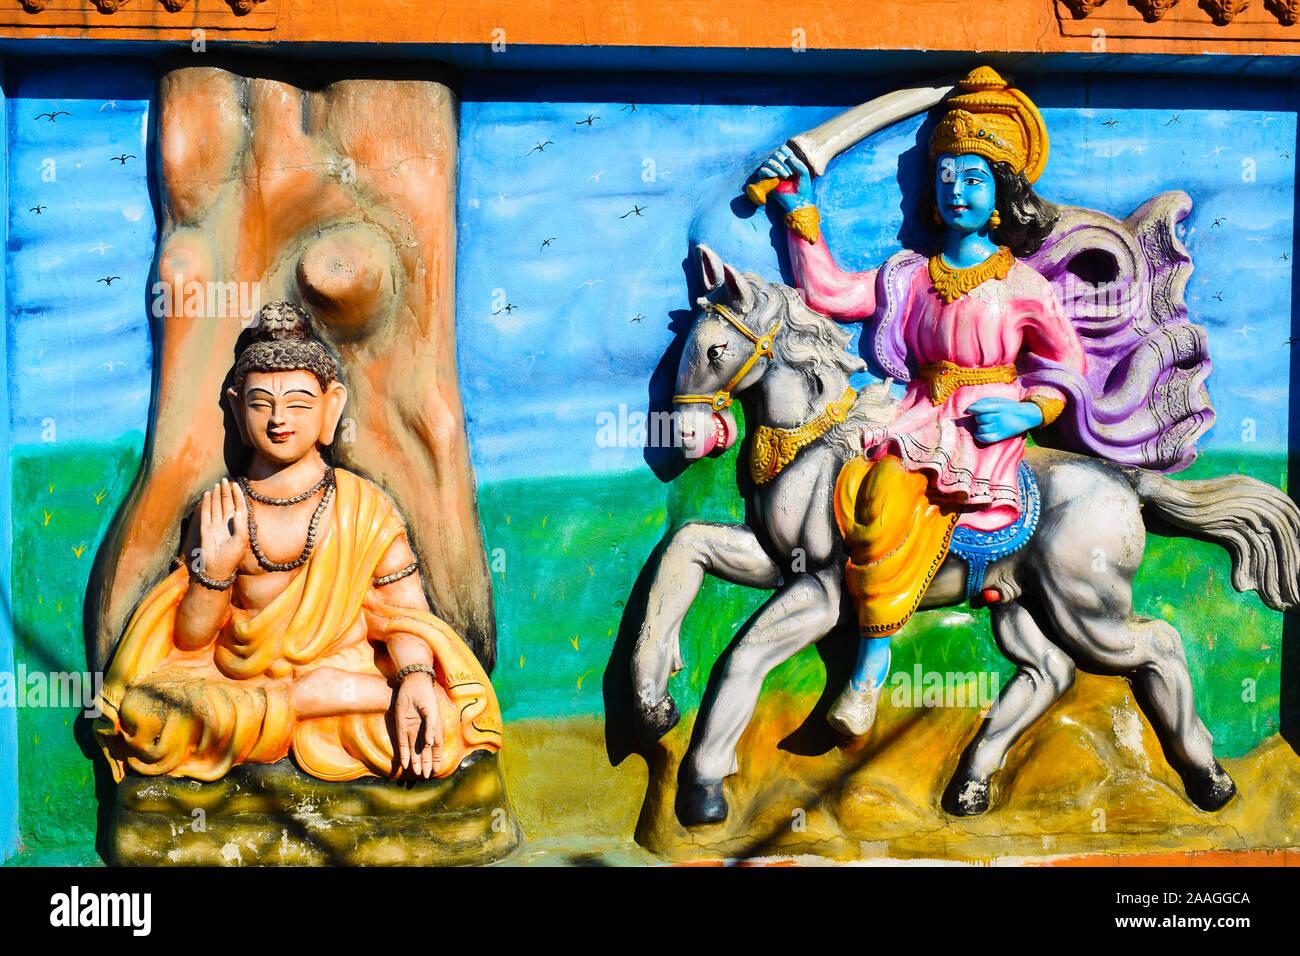 Kalki Avatar Stockfotos und  bilder Kaufen   Alamy